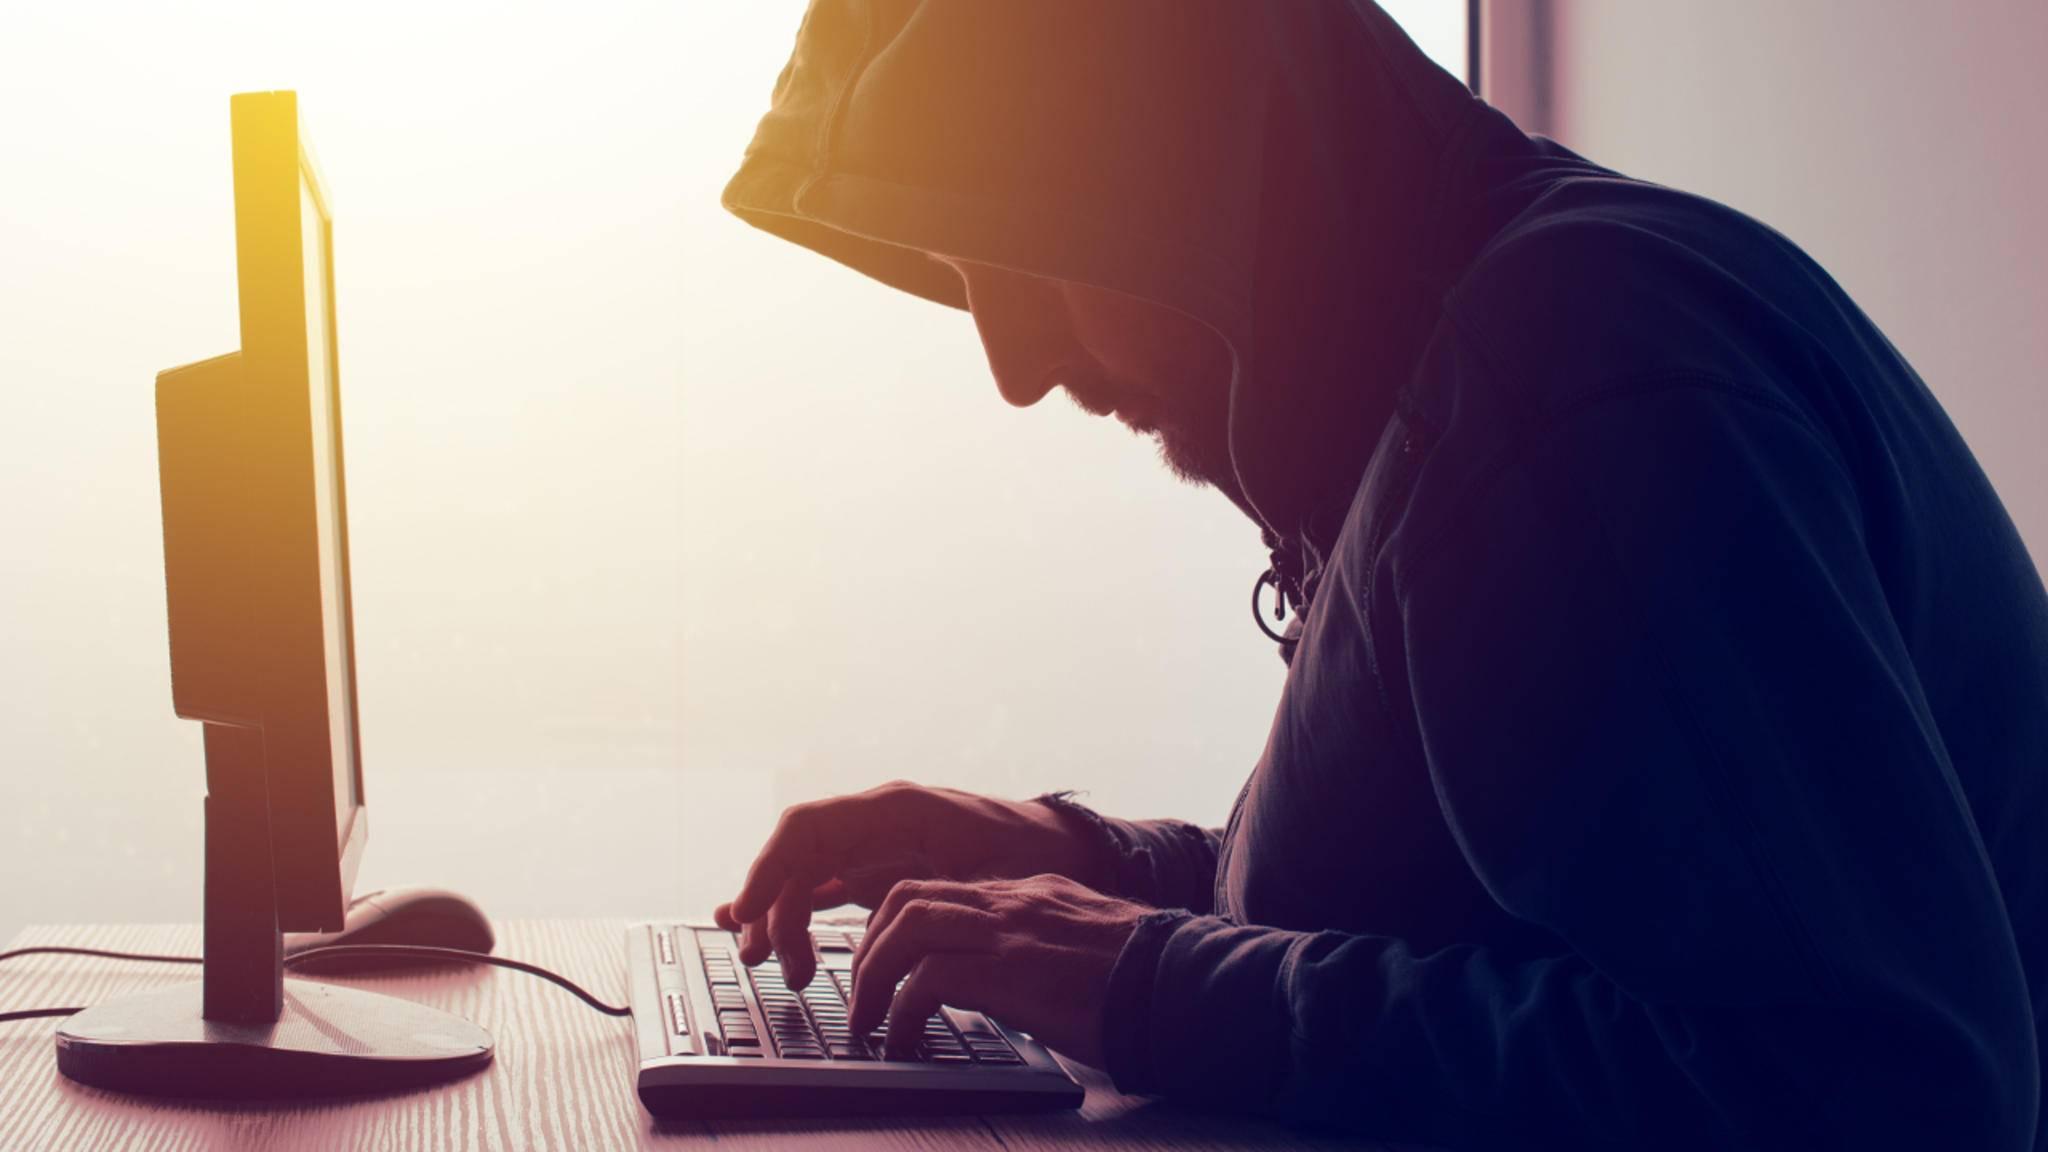 Das Darknet ist nur etwas für Cyberkriminelle? Weit gefehlt!